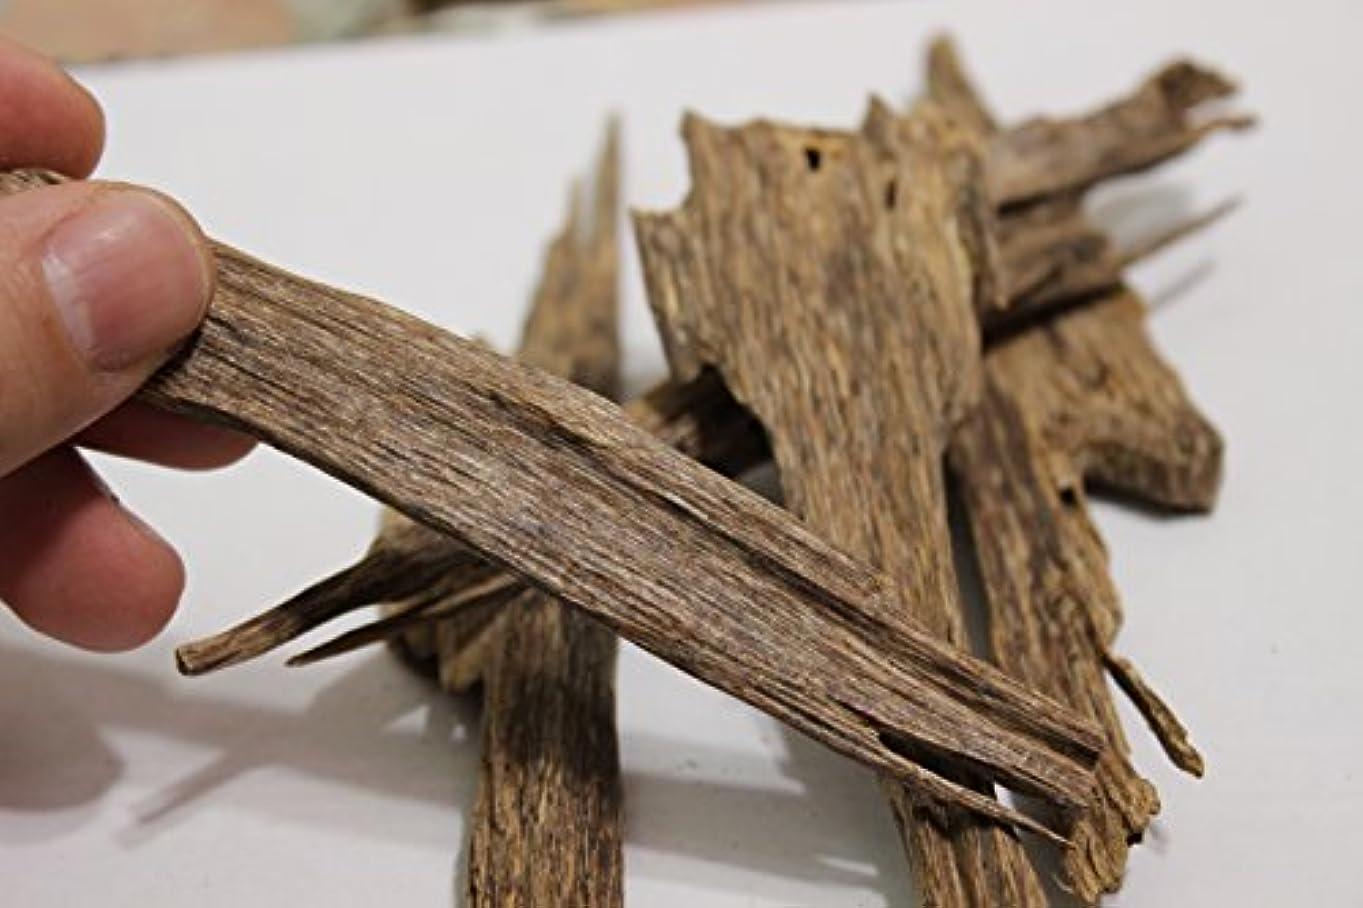 クライマックス死ぬ応答ベトナム語Wild Harvested Agarwoodチップ – Oud Incense – ダークブラウン色